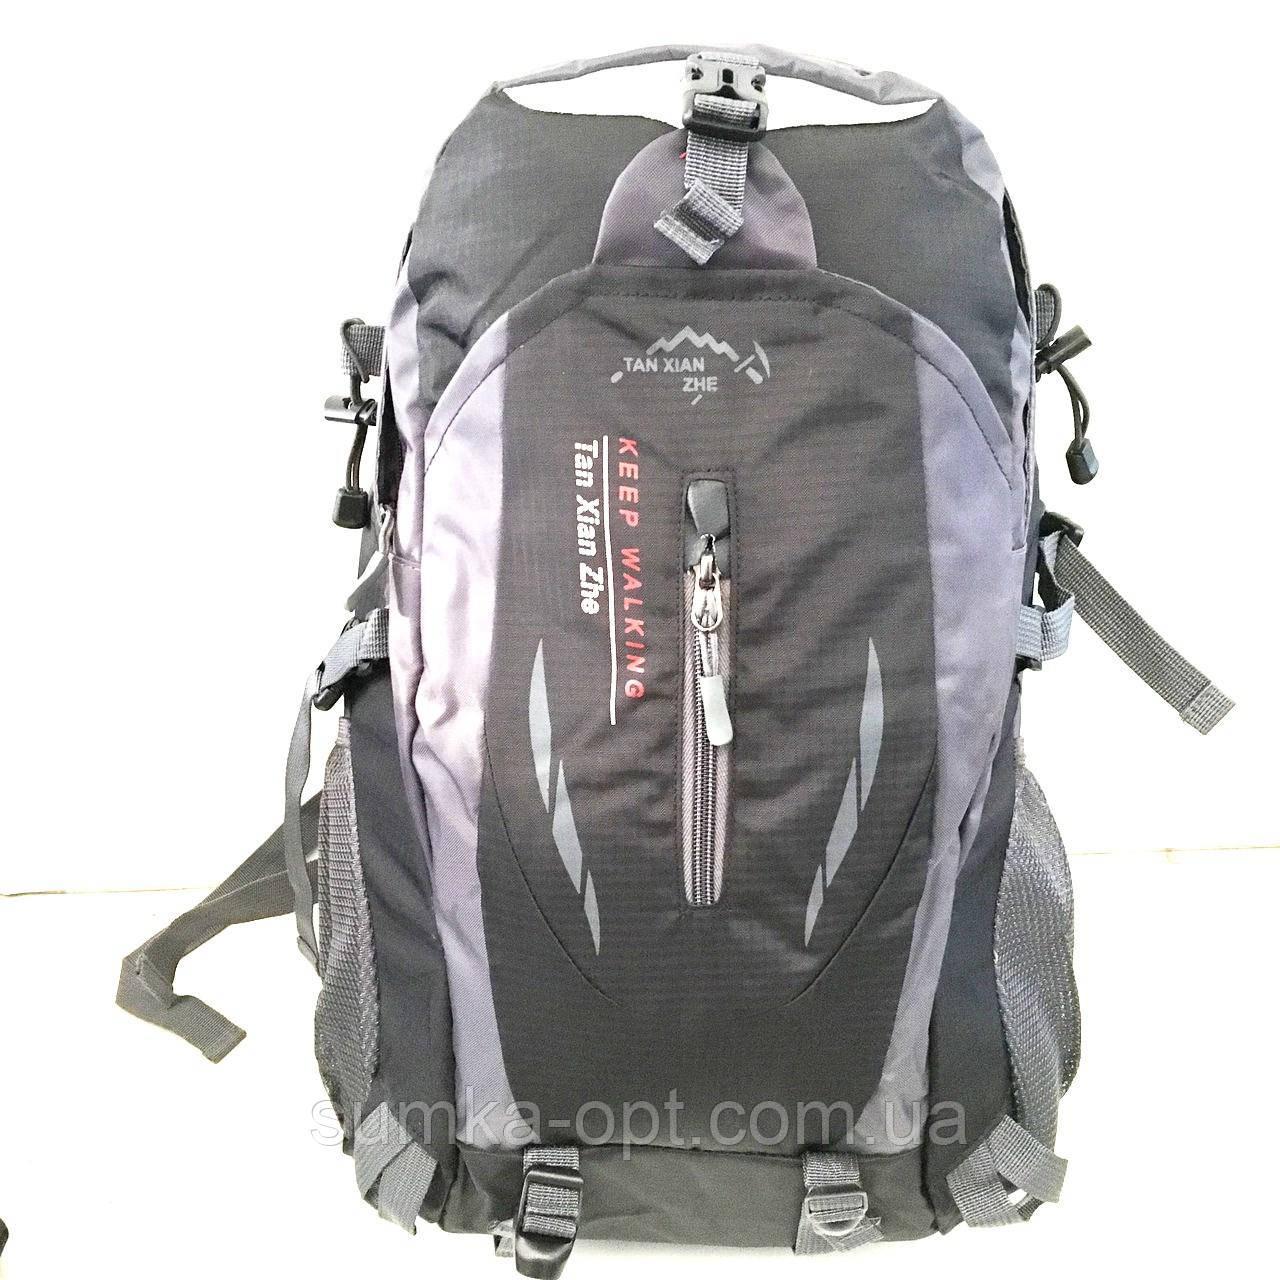 Універсальні рюкзаки для подорожей та навчання (чорний)32*52см